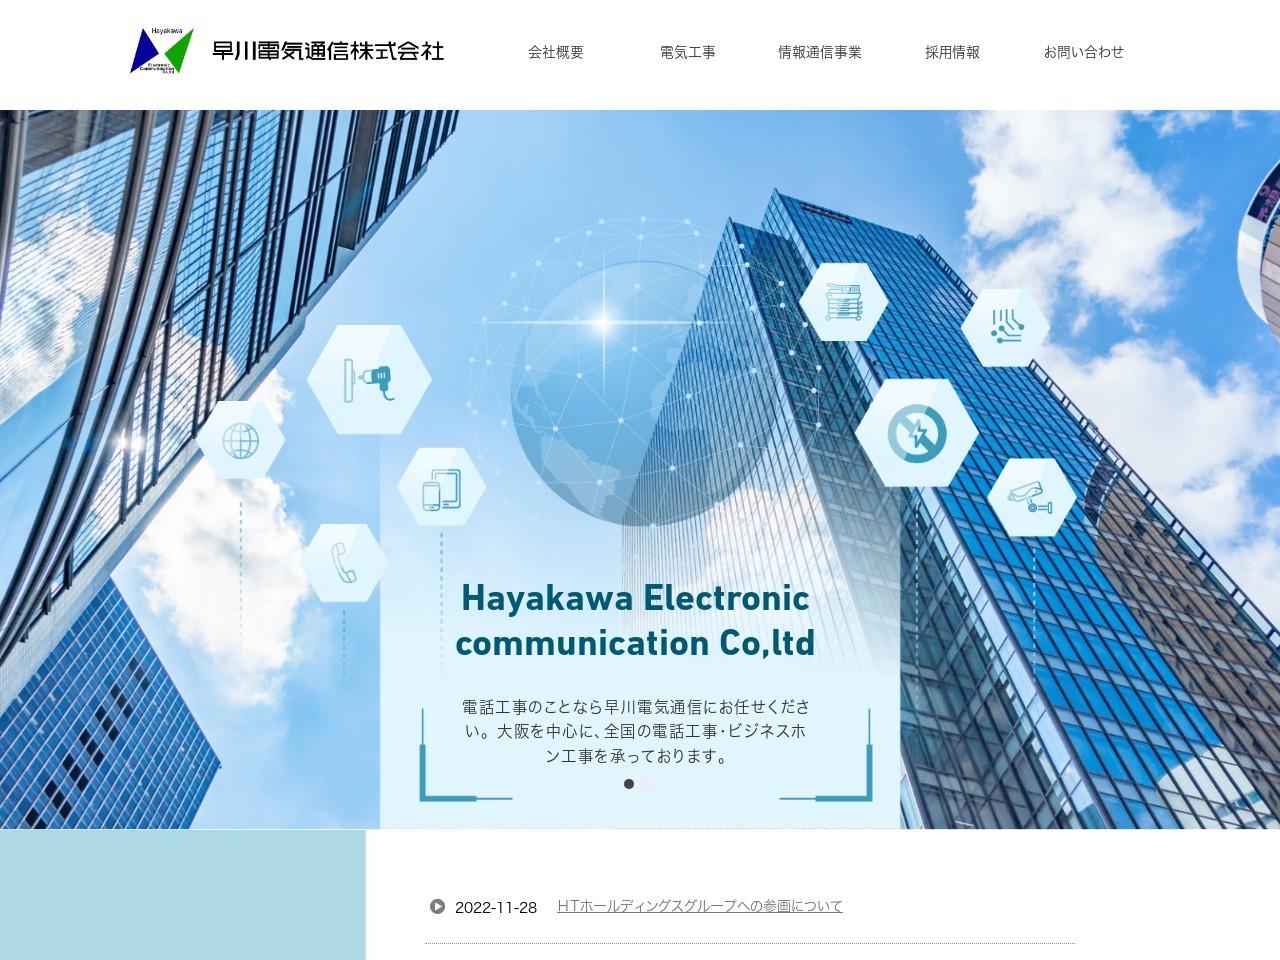 早川電気通信株式会社